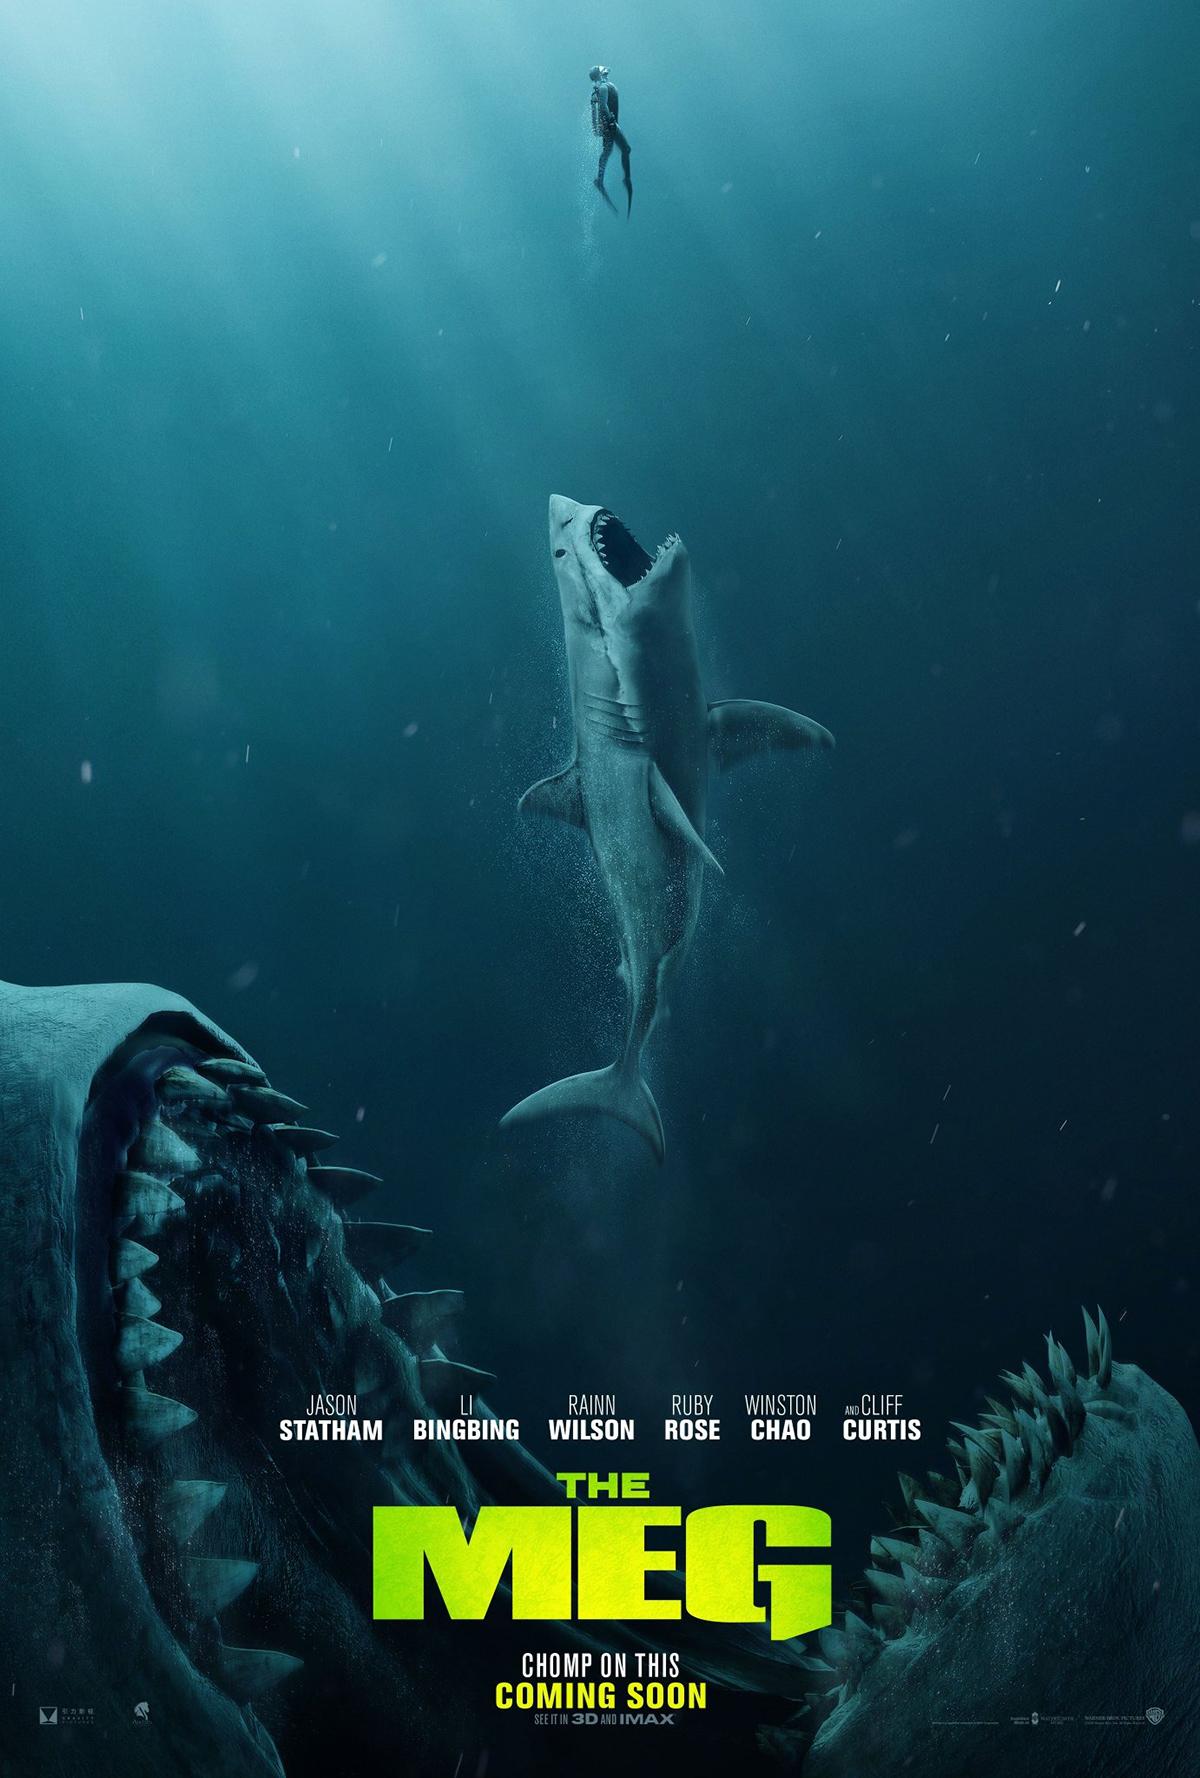 The-Meg-poster-2.jpg